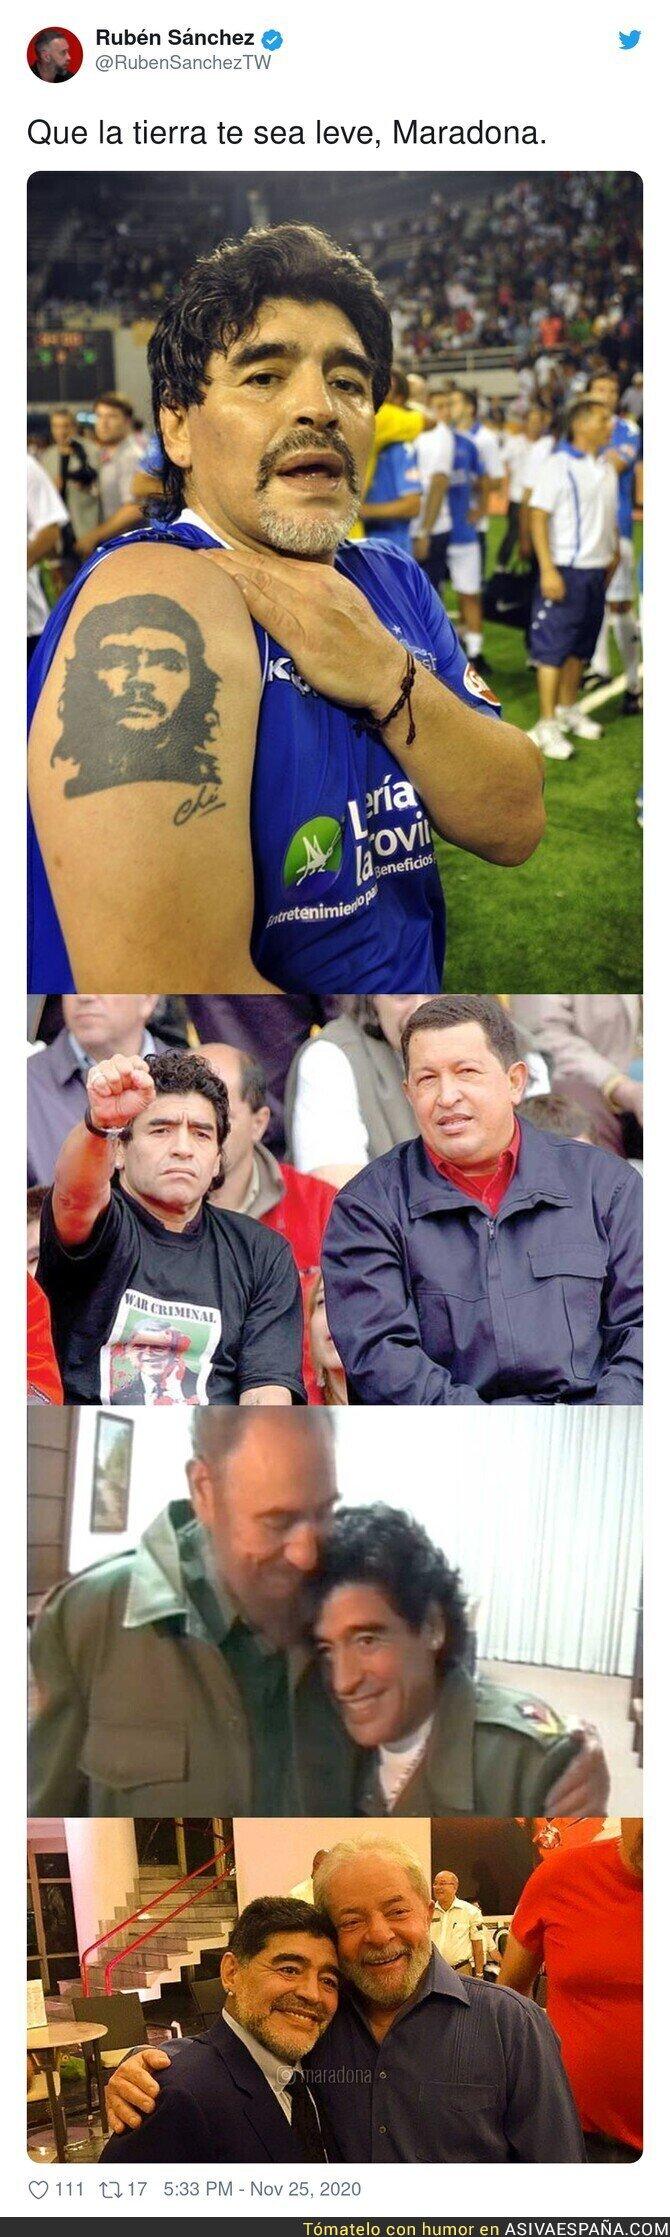 481910 - Maradona tenía claro su ideal político